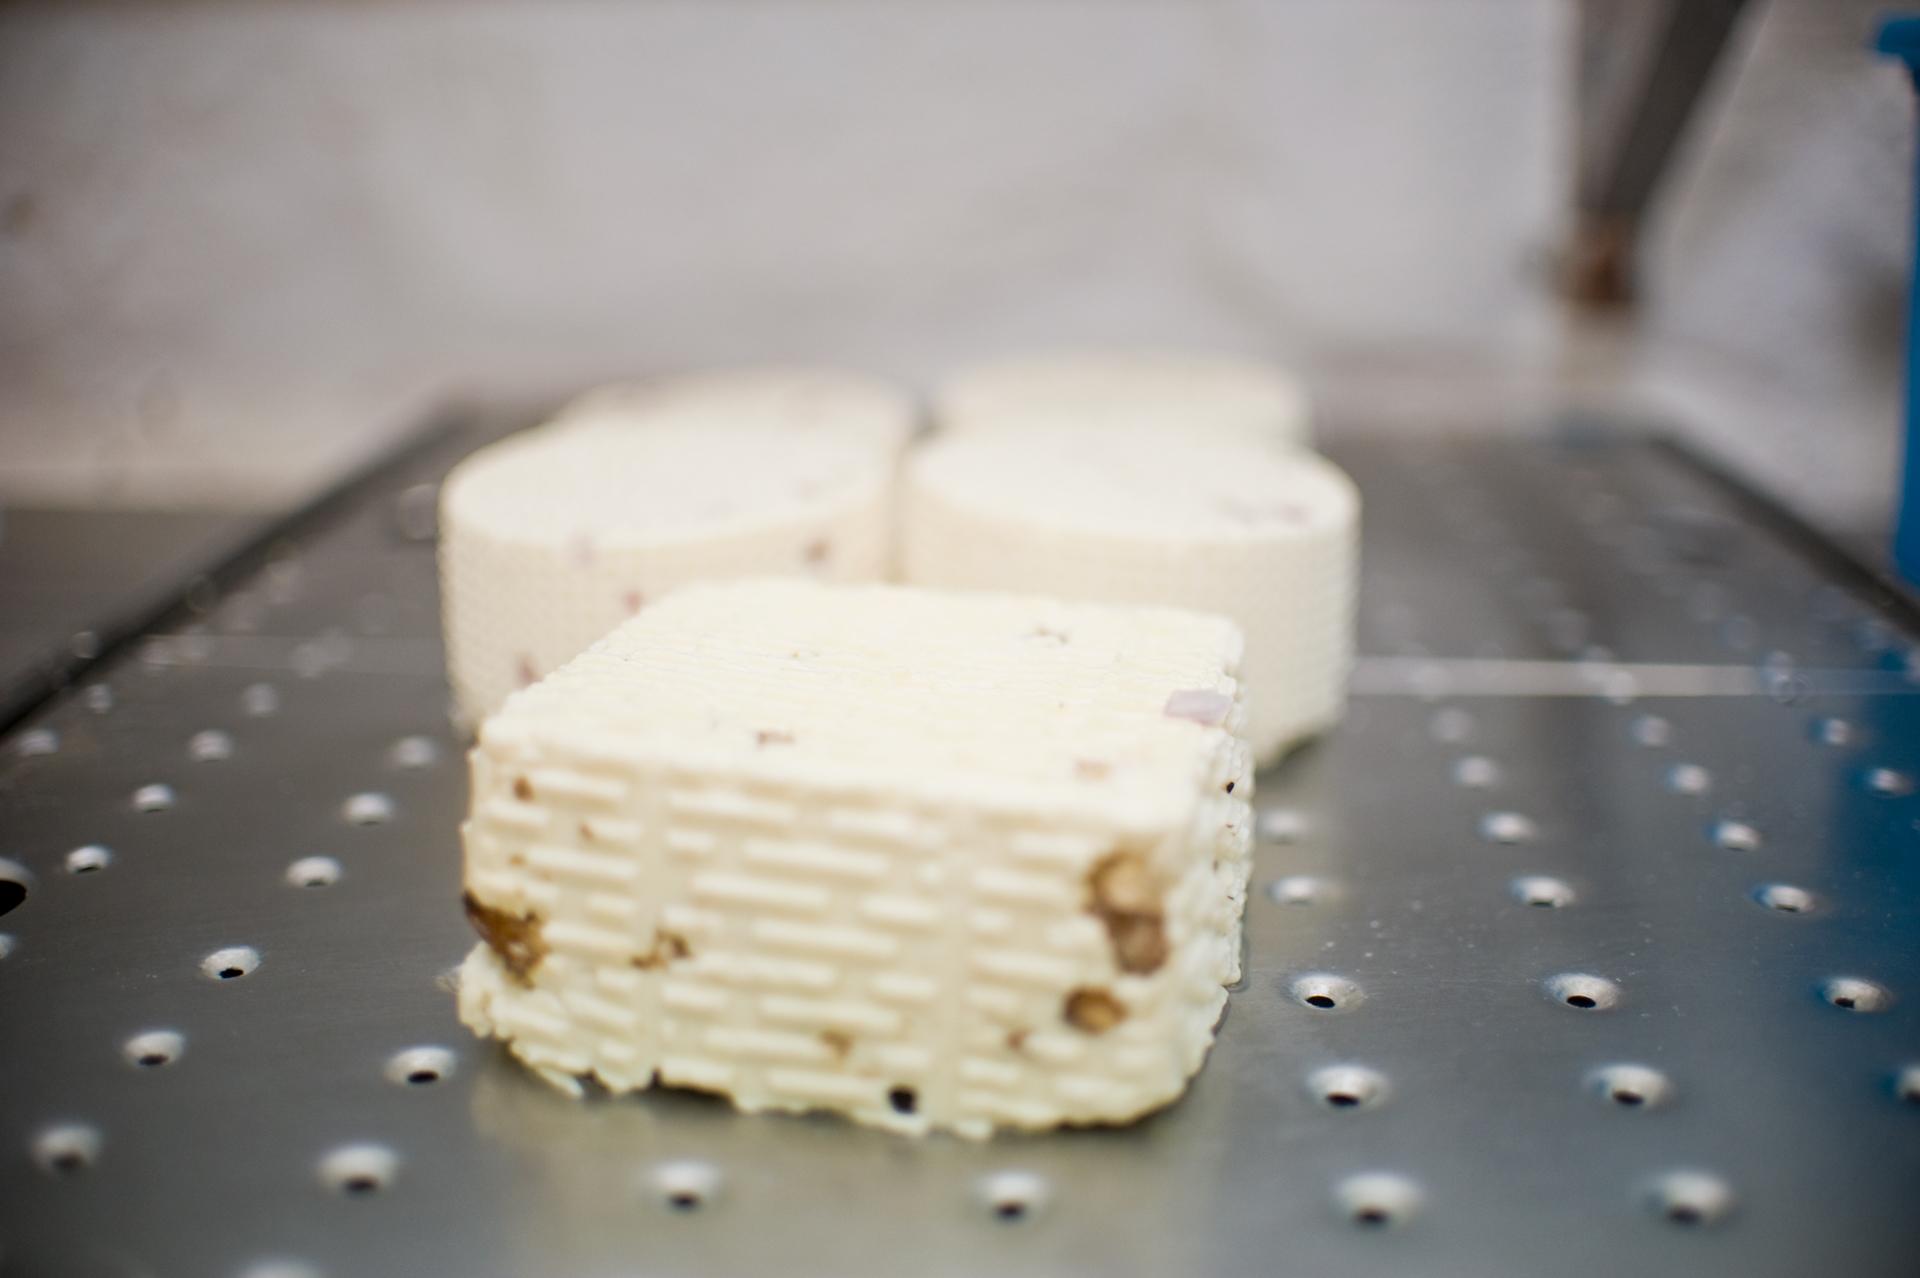 Fűszeres, hagymás és egyéb ízesített friss sajtok készülnek